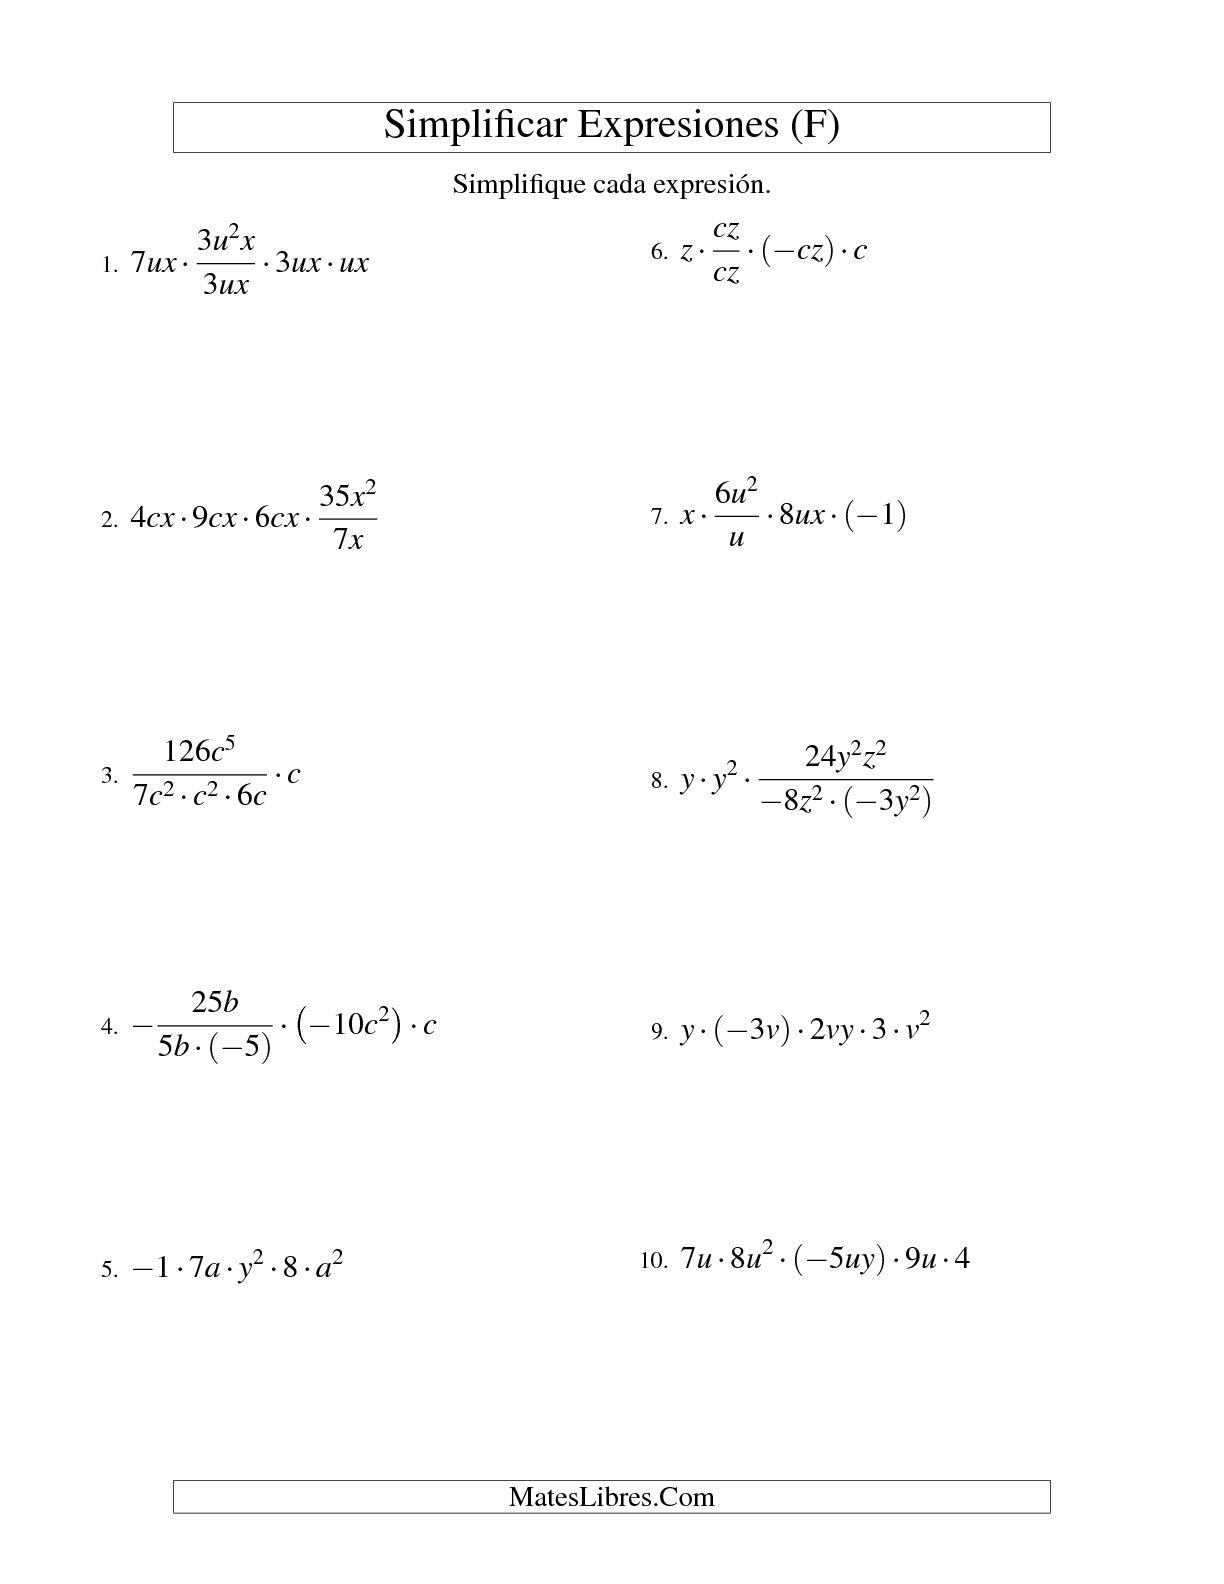 Simplificar Expresiones Algebraicas Multiplicacion Y Division Dos Variables Cinco Terminos F